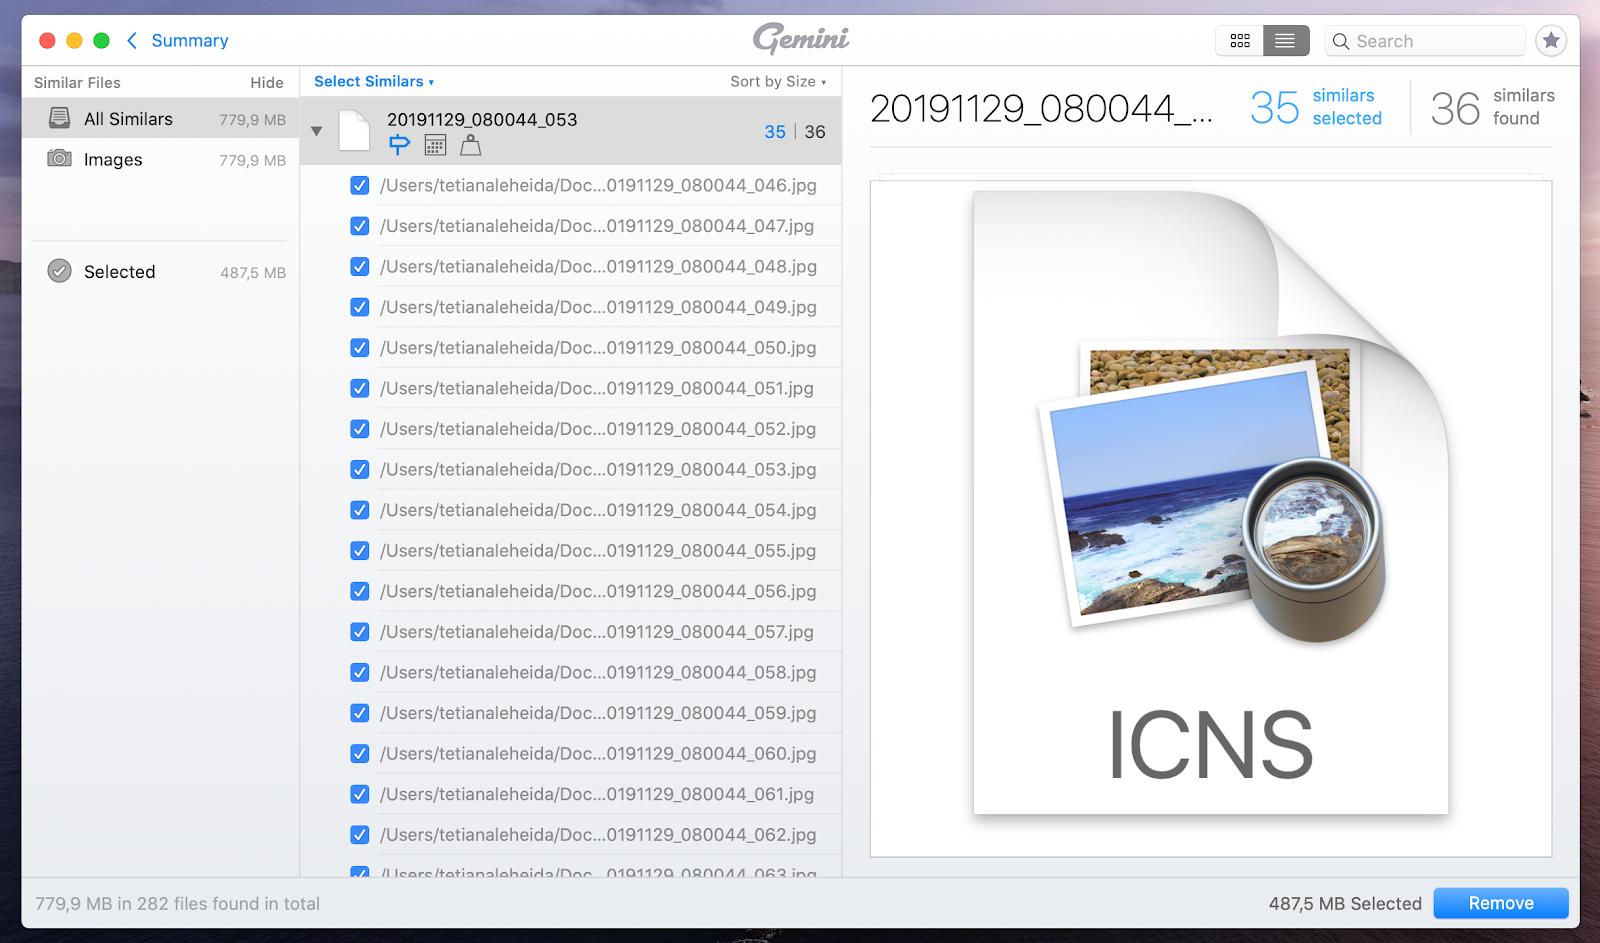 gemini app mac